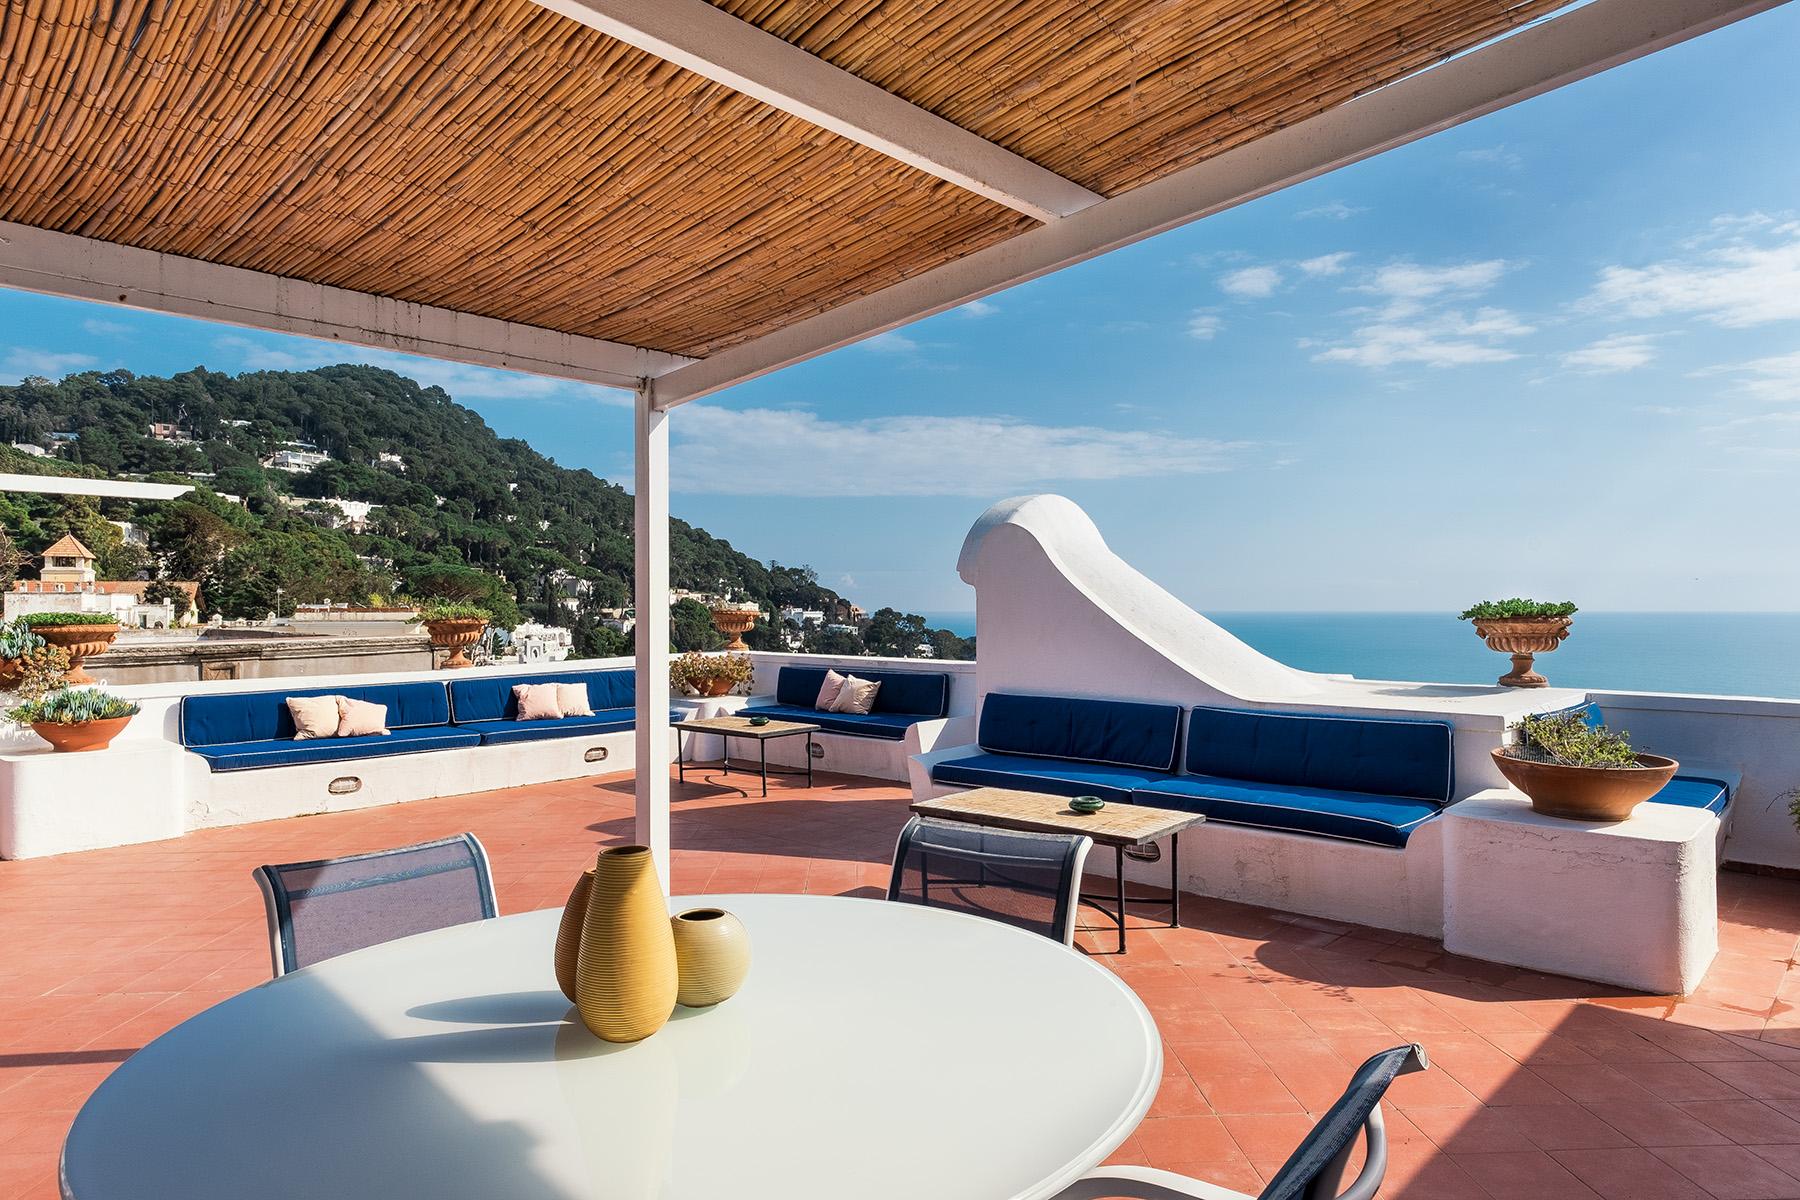 Attico in Vendita a Capri: 3 locali, 70 mq